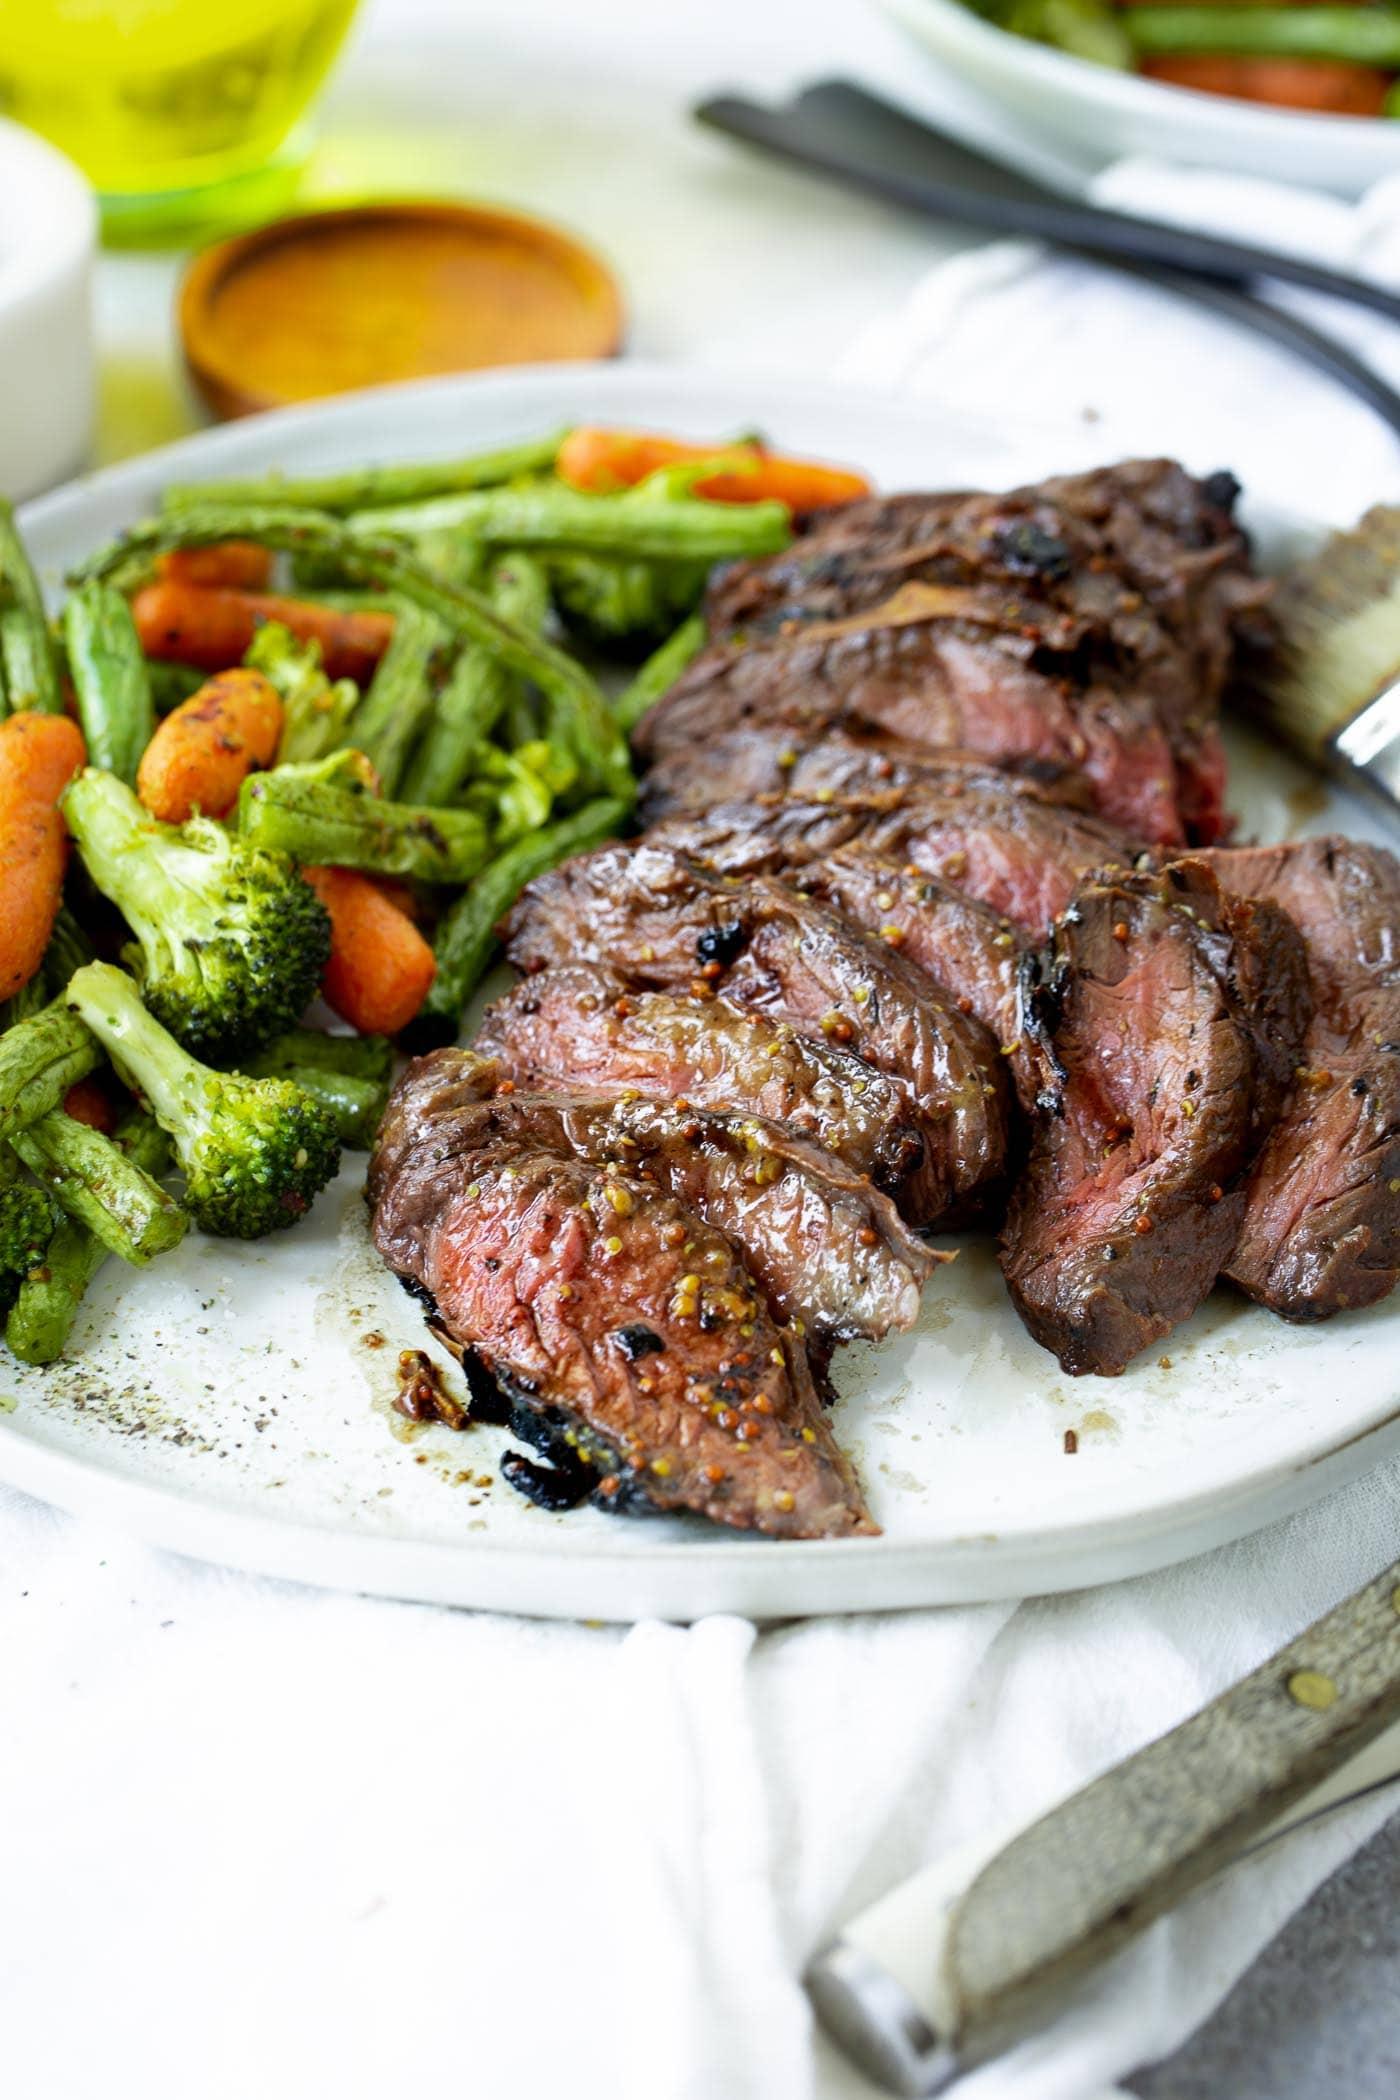 A photo of sliced medium rare hanger steak on a white plate alongside roasted vegetables.